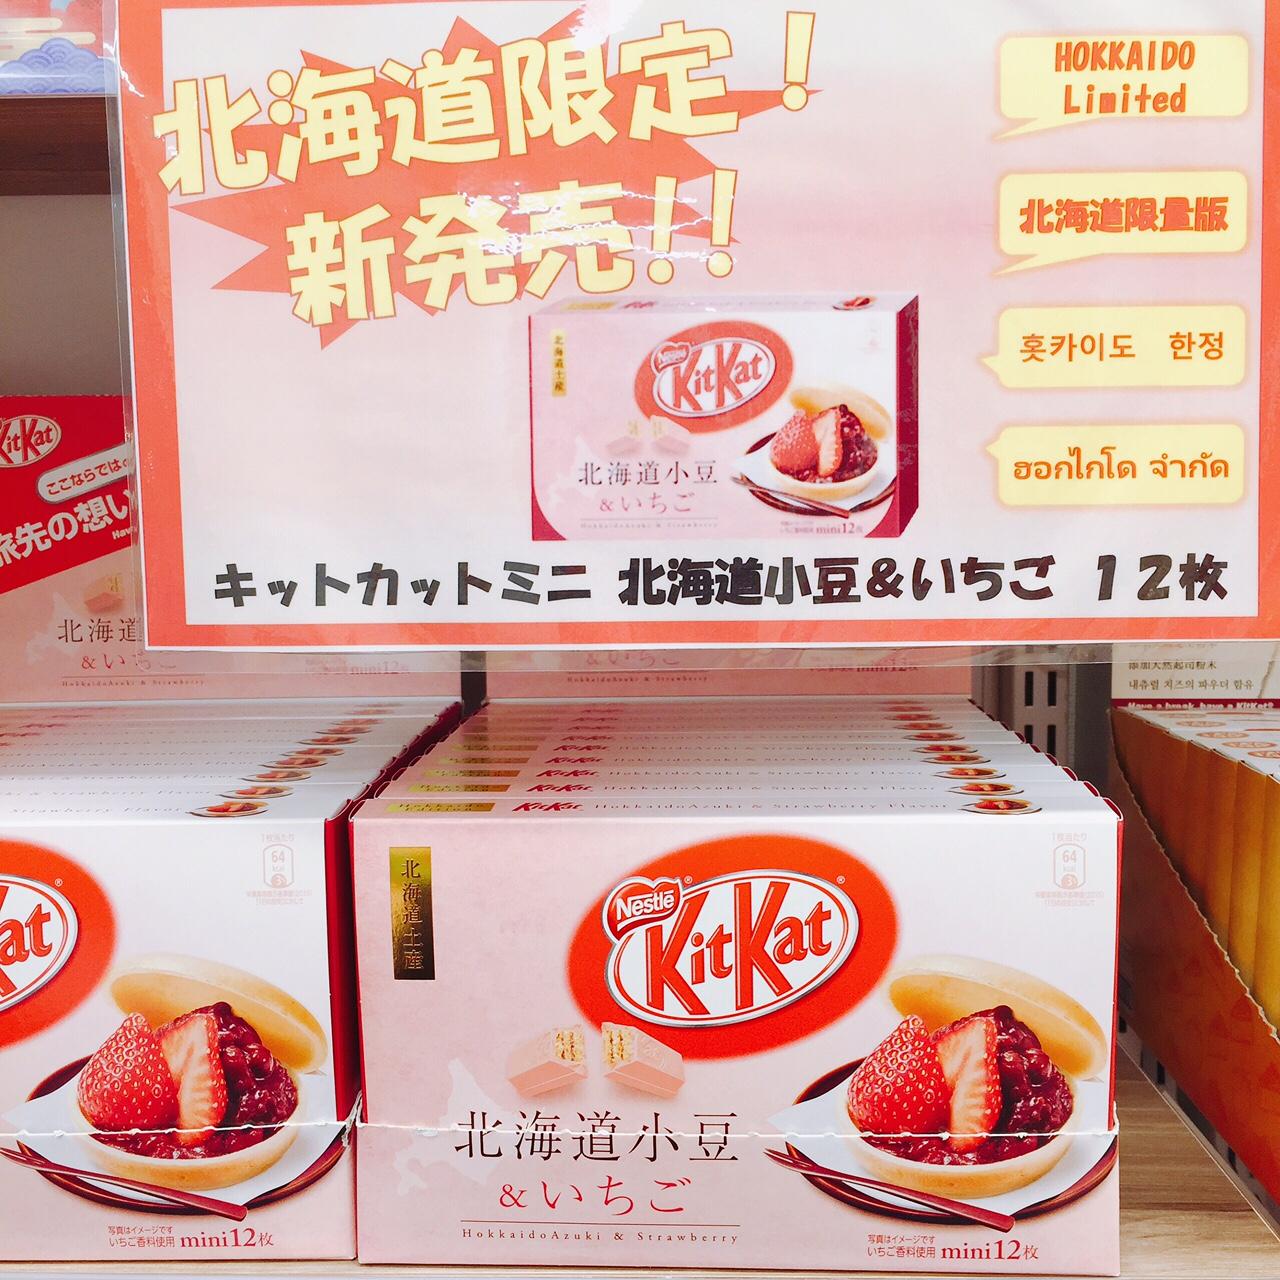 キットカットミニ 北海道小豆&いちご